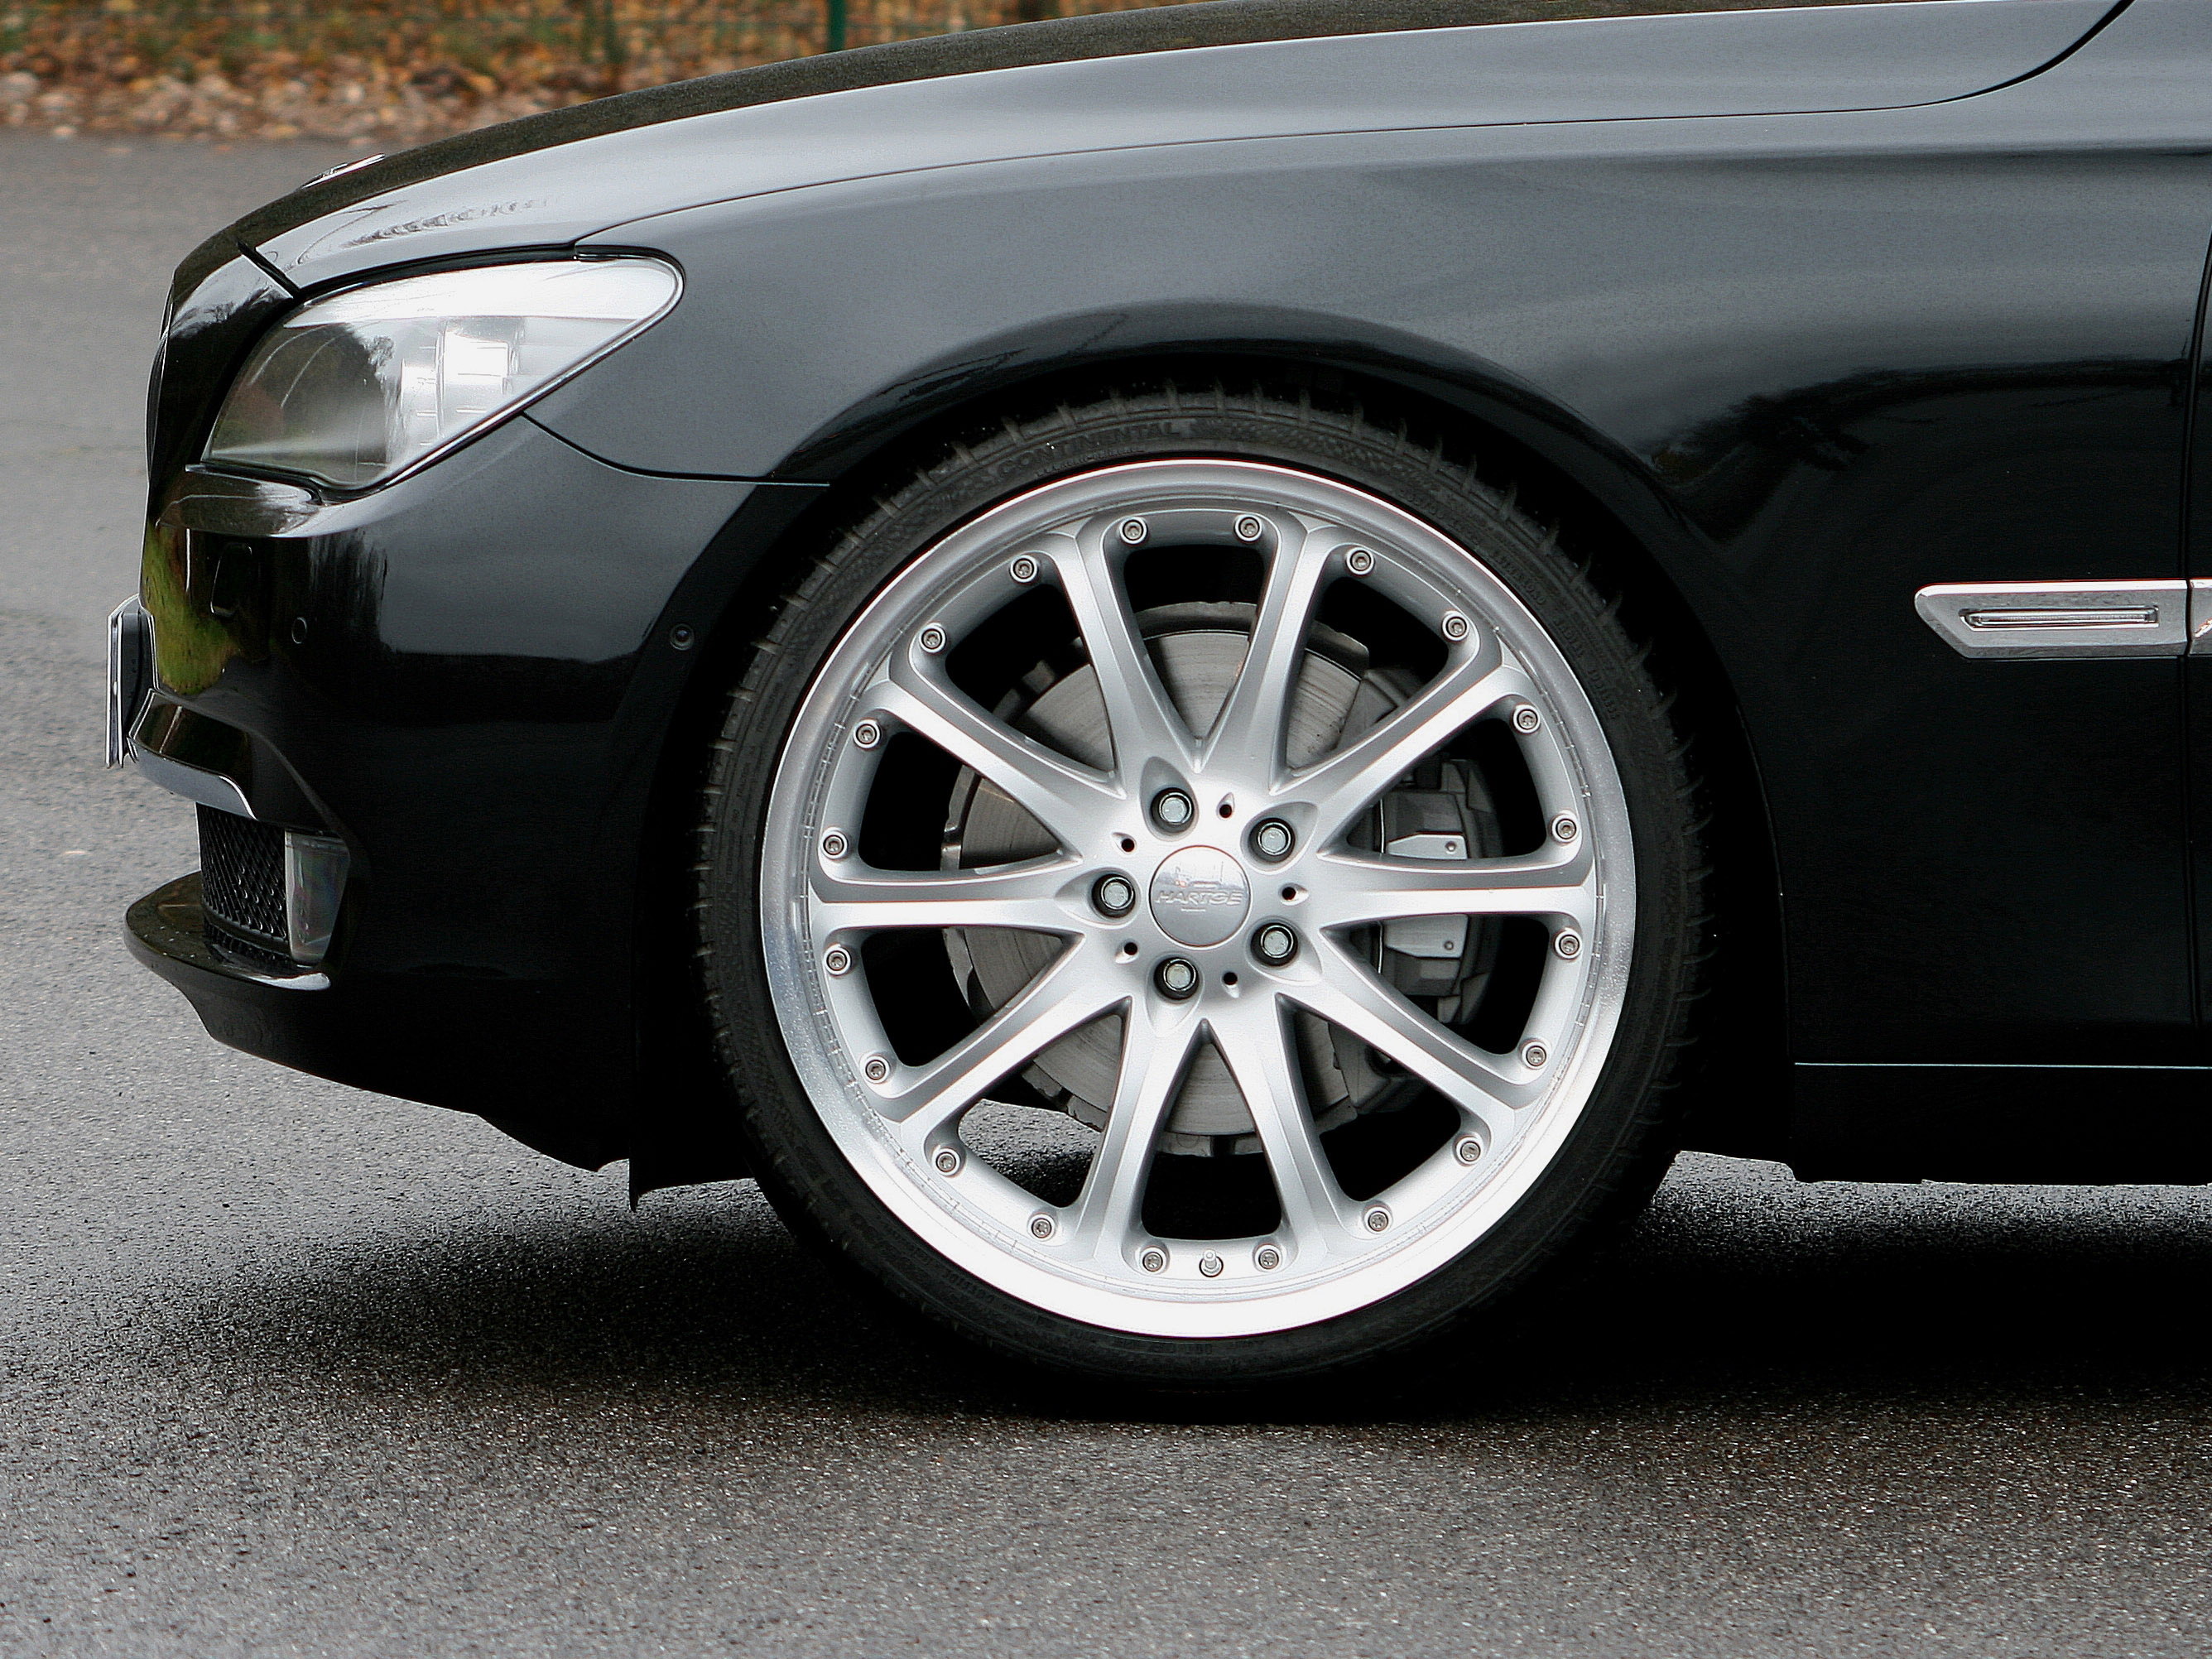 HARTGE 22-дюймовый классический комплект колес для BMW 7 серии - фотография №3